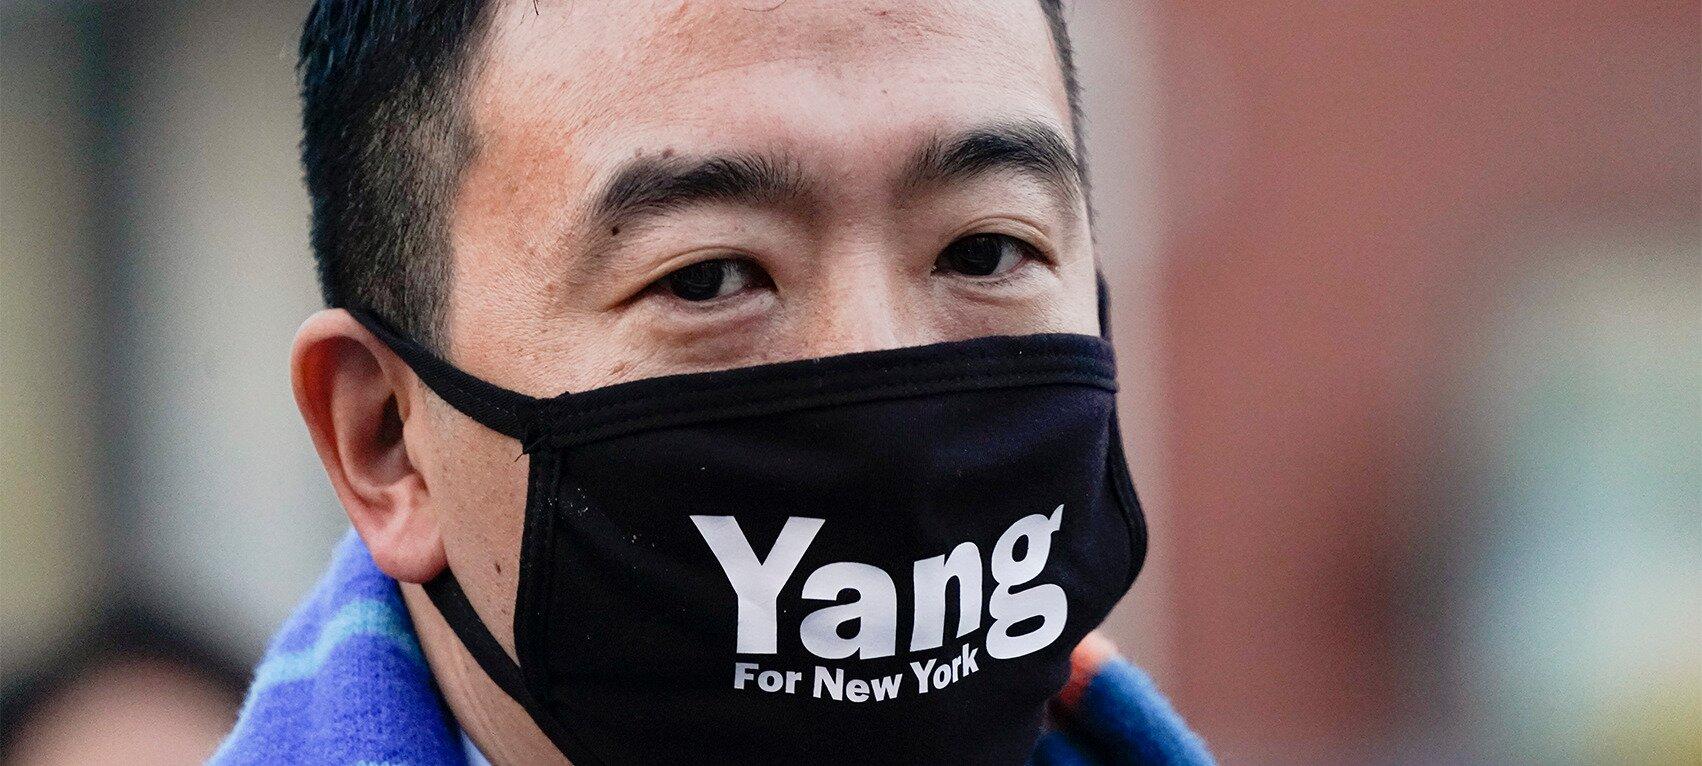 https://www.gambleonline.co/app/uploads/2021/02/weekly-casino-news-andrew-yang-wears-yang-face-mask.jpg